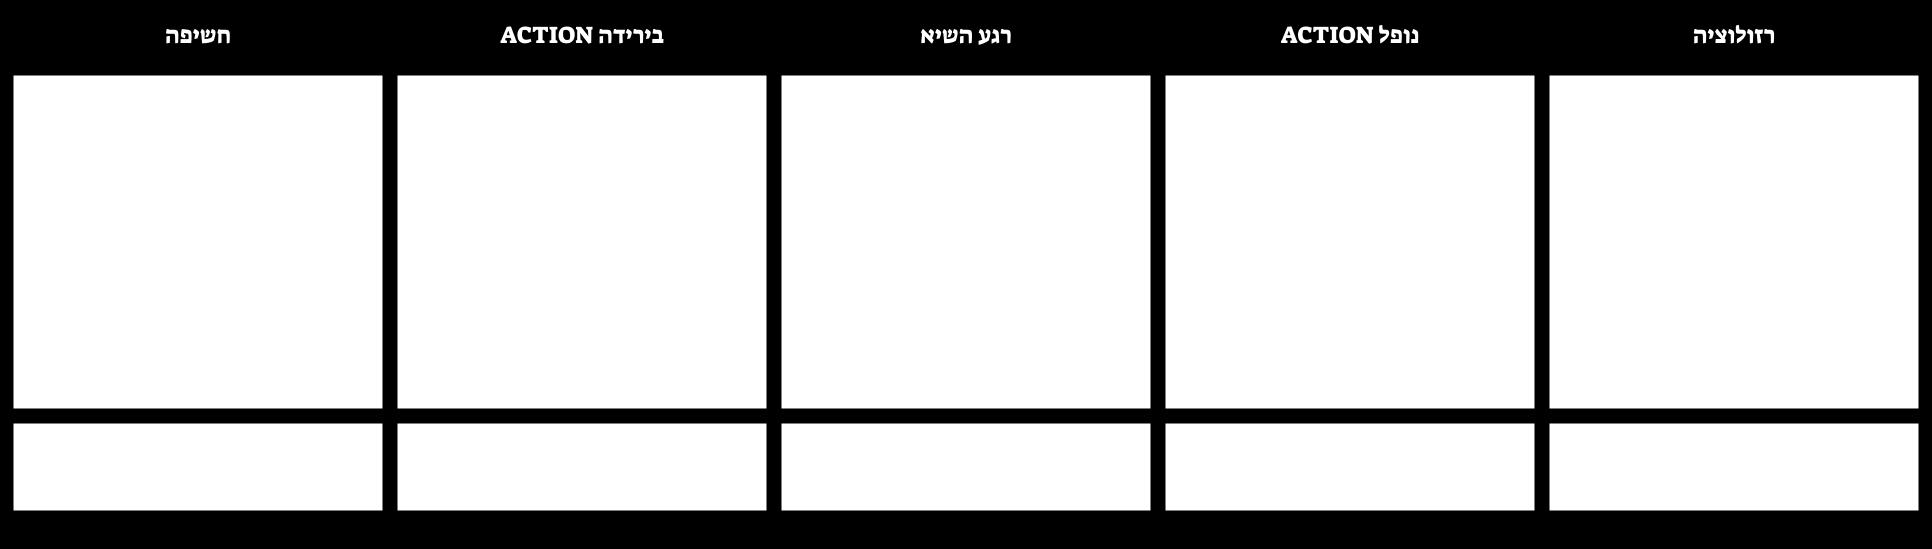 מגרש תבנית תרשים - 5 תאים